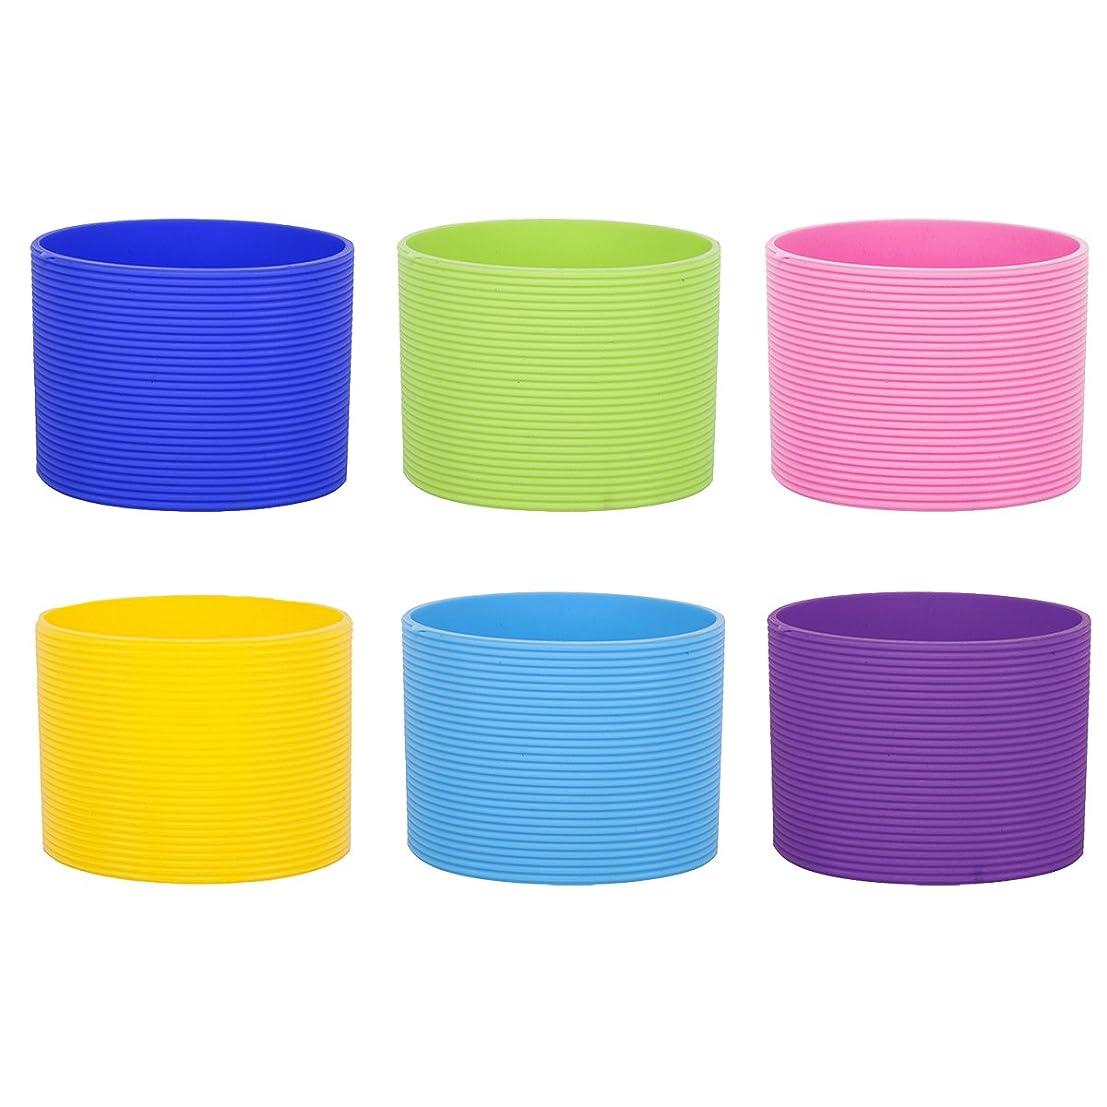 閉じ込めるチャンピオンシップ未知のASPIREリサイクルシリコンコーヒースリーブ盛り合わせ色、6個、2-1/2